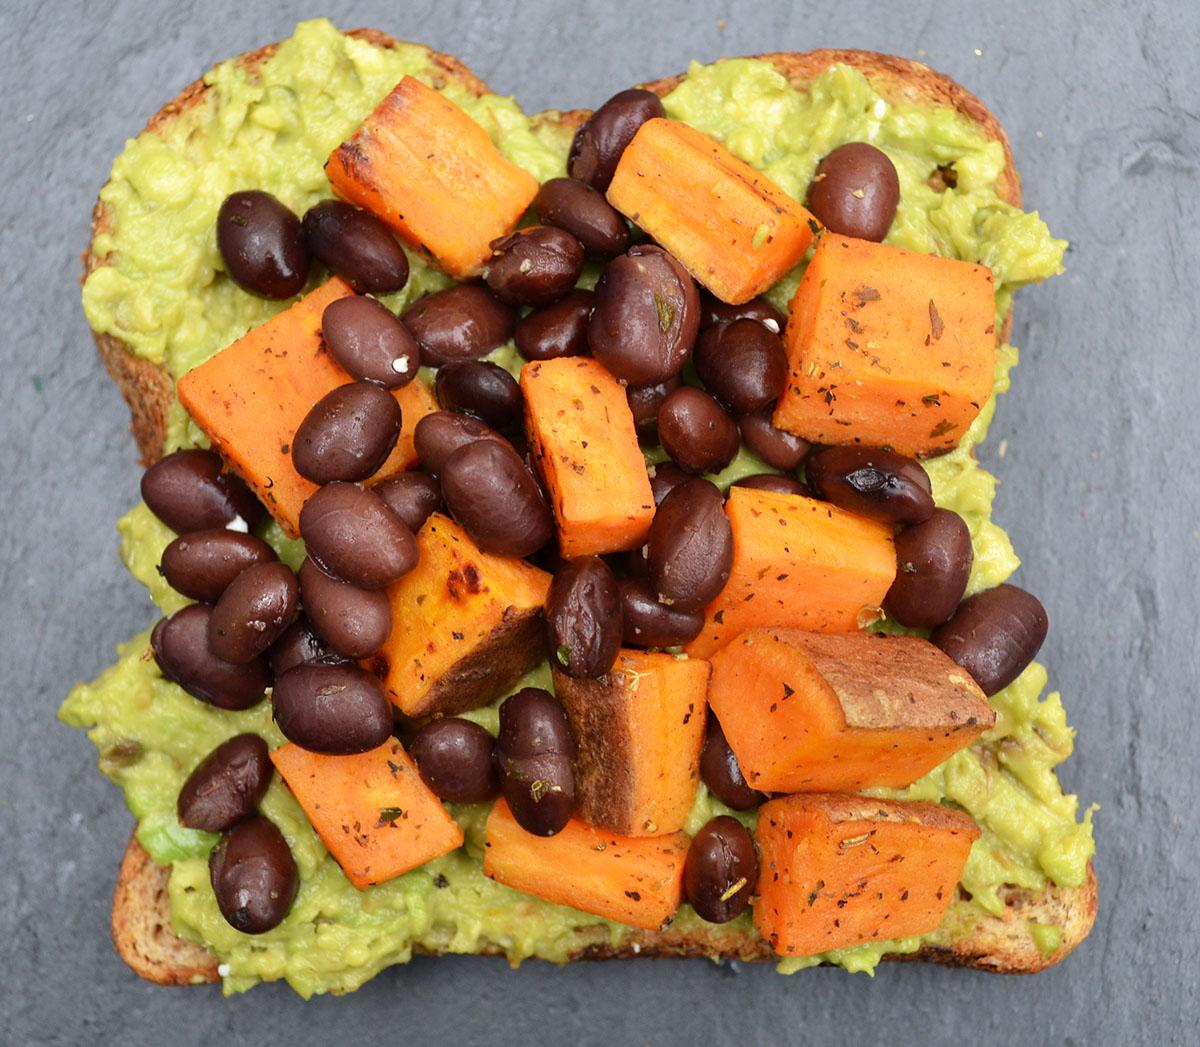 Sweet potato avocado toast photo via Asia Bradlee